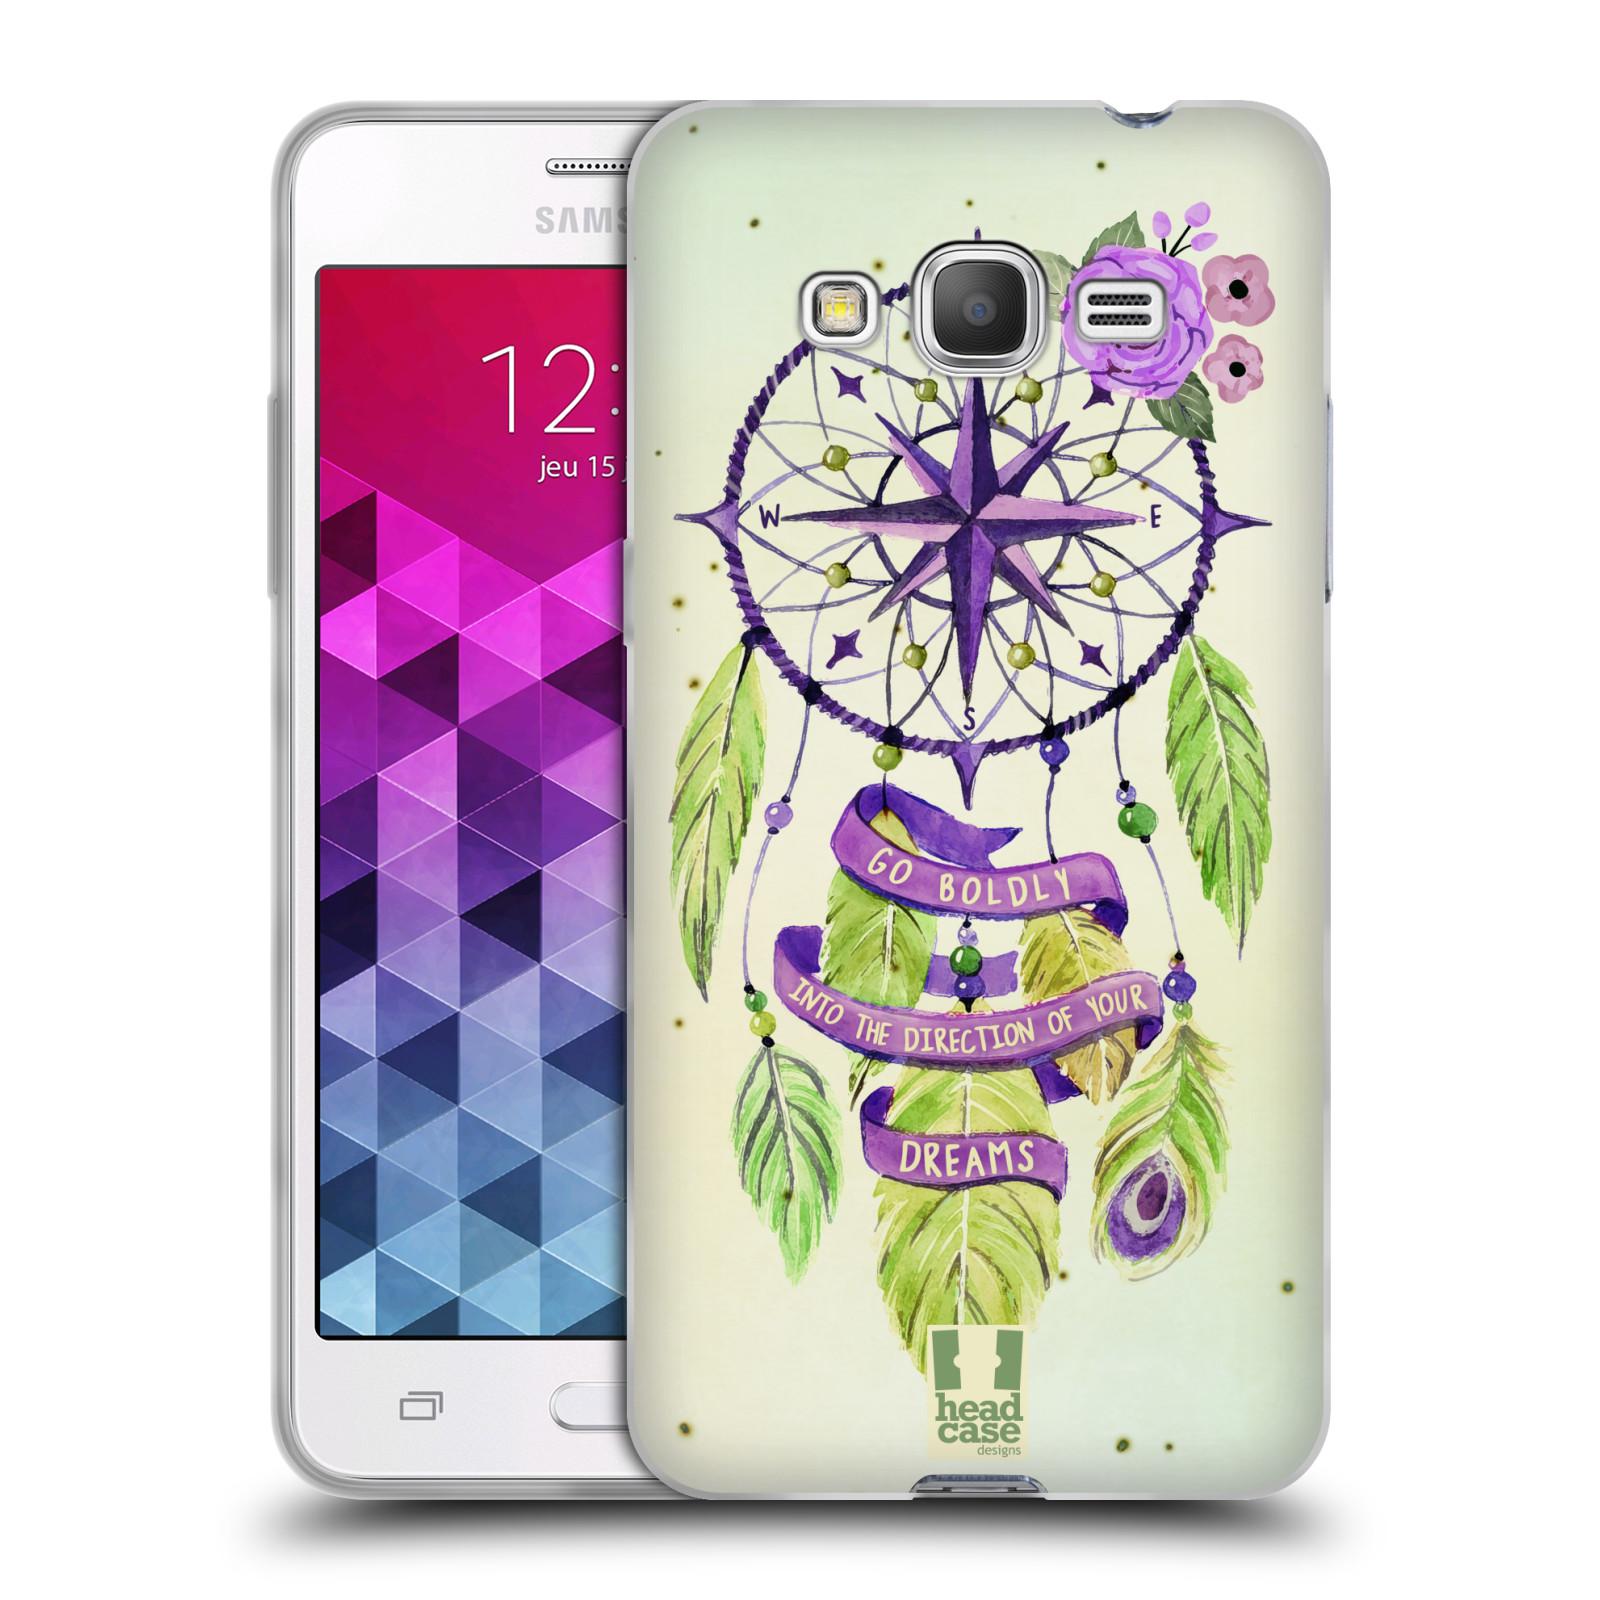 Silikonové pouzdro na mobil Samsung Galaxy Grand Prime HEAD CASE Lapač Assorted Compass